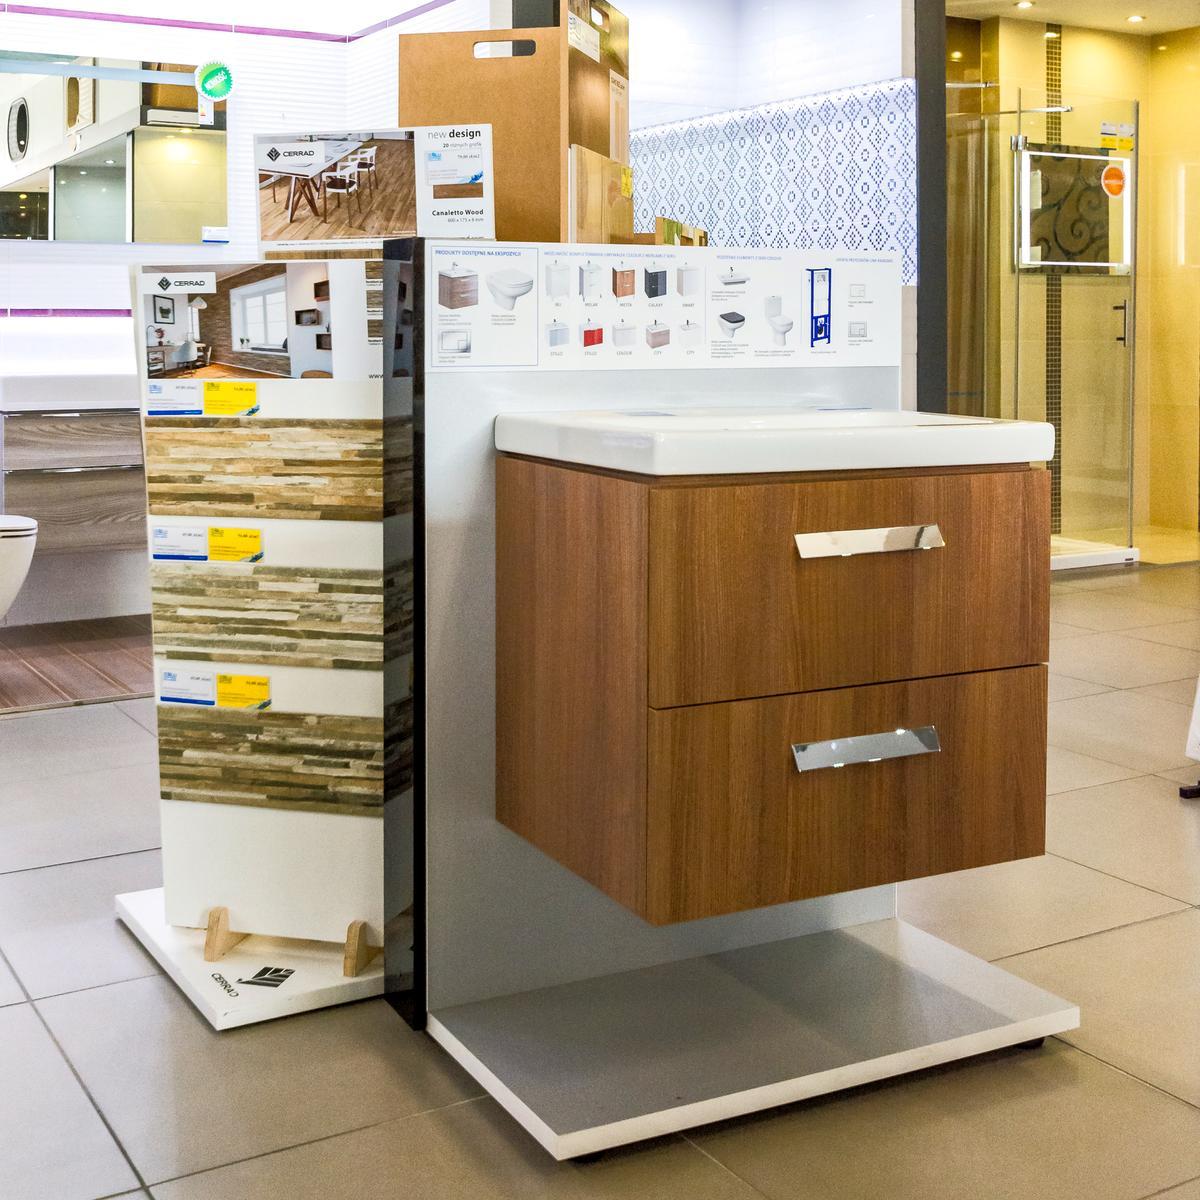 Płytki, meble łazienkowe - szeroki wybór w salonie BLU w Kwidzyniu - zdjęcie od BLU salon łazienek Kwidzyn